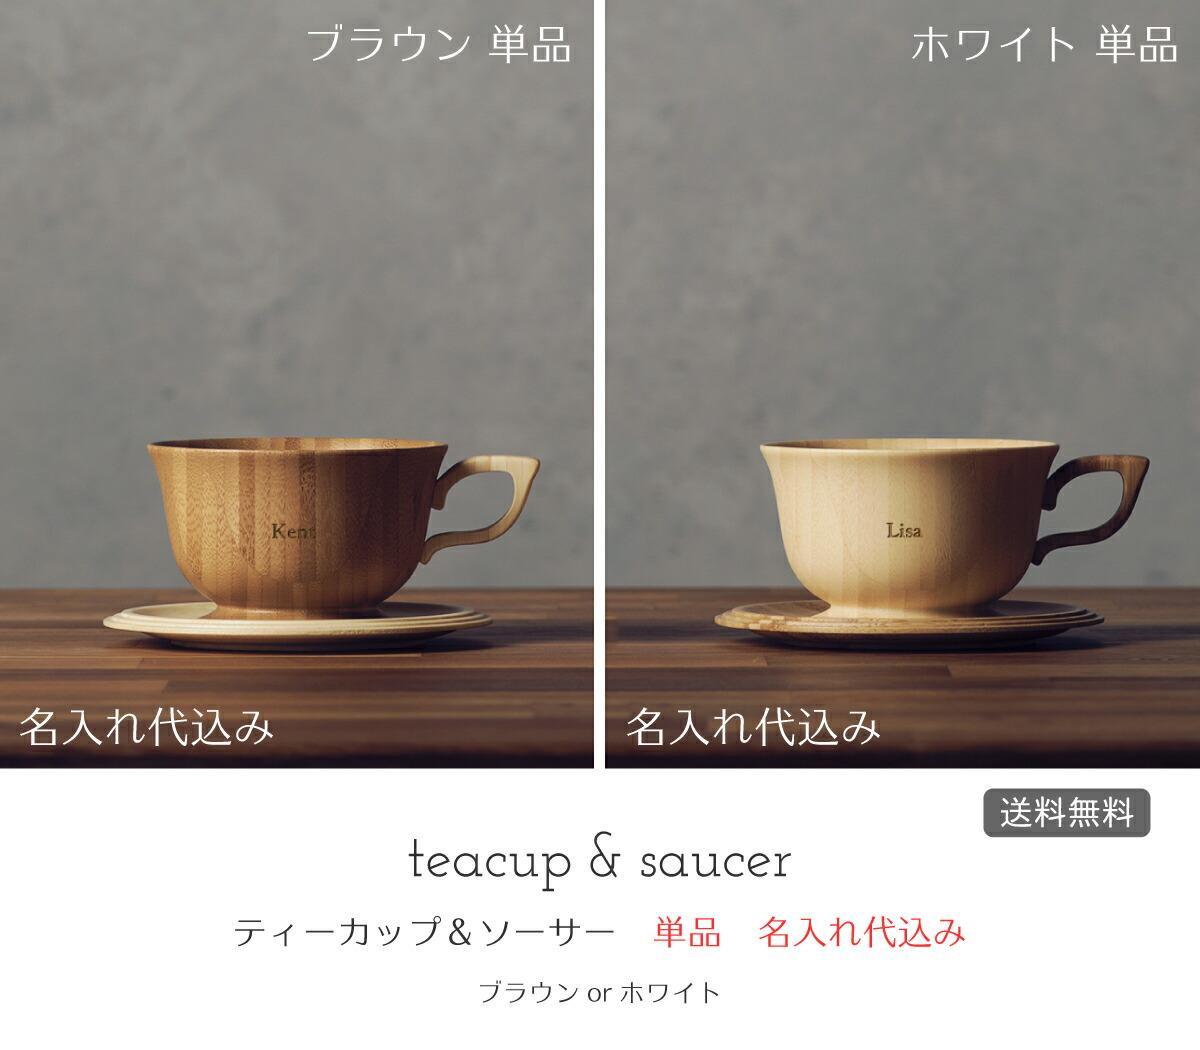 商品画像メイン01